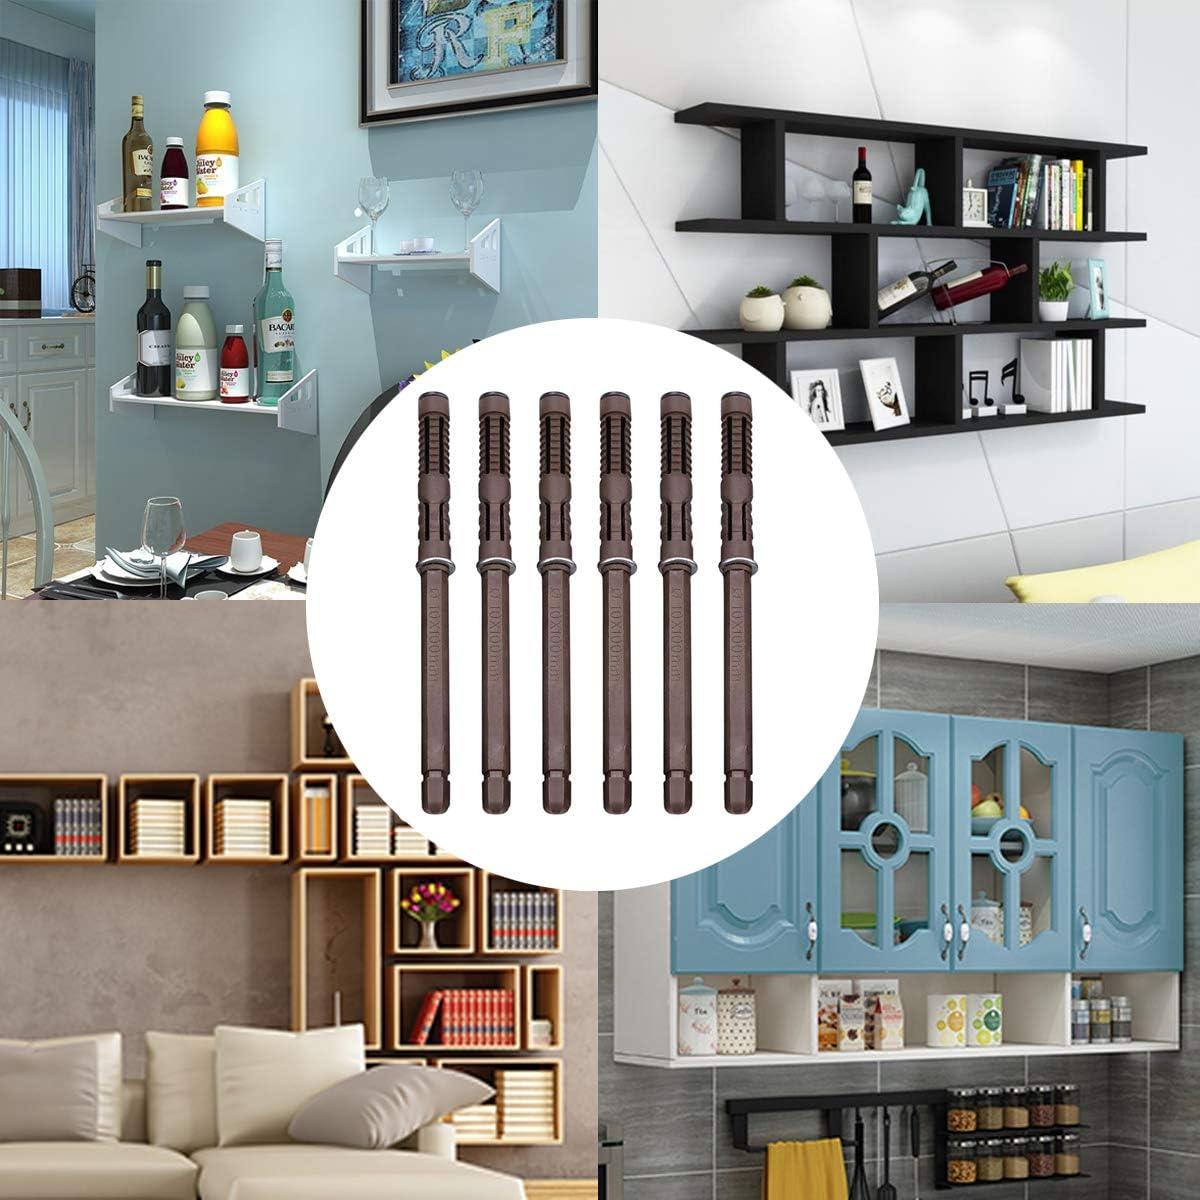 soportes fijos invisibles soportes para estantes flotantes cubiertos soportes para trabajos pesados montados en la pared 6 piezas de soportes para estantes de 10x100 mm estantes para paredes